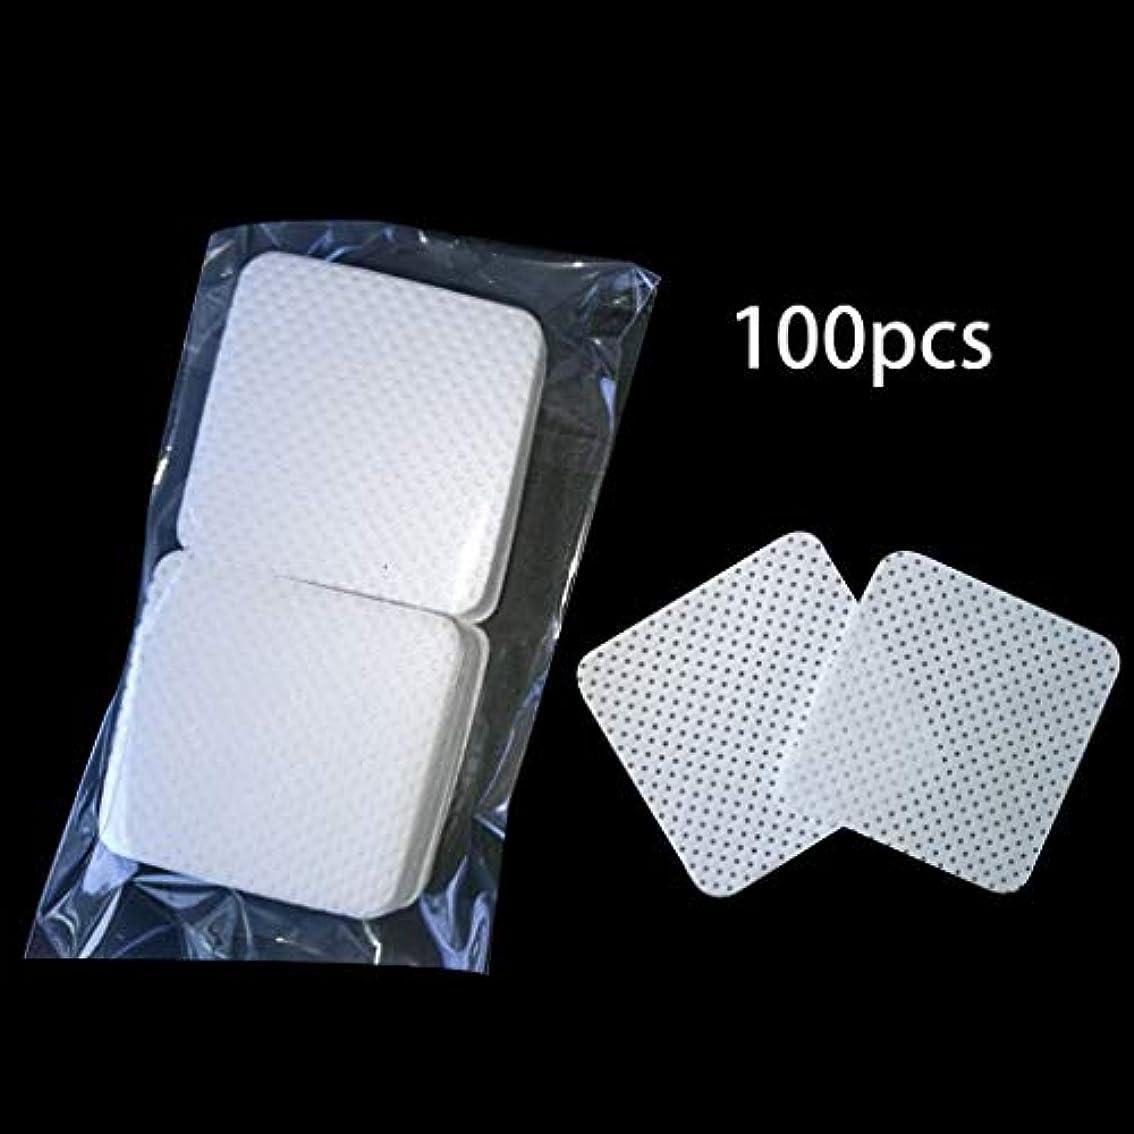 廃棄するスキニー六Lamdoo 100ピース/バッグ使い捨てまつげエクステンション接着剤削除綿パッド瓶口拭きパッチメイク化粧品クリーニングツール